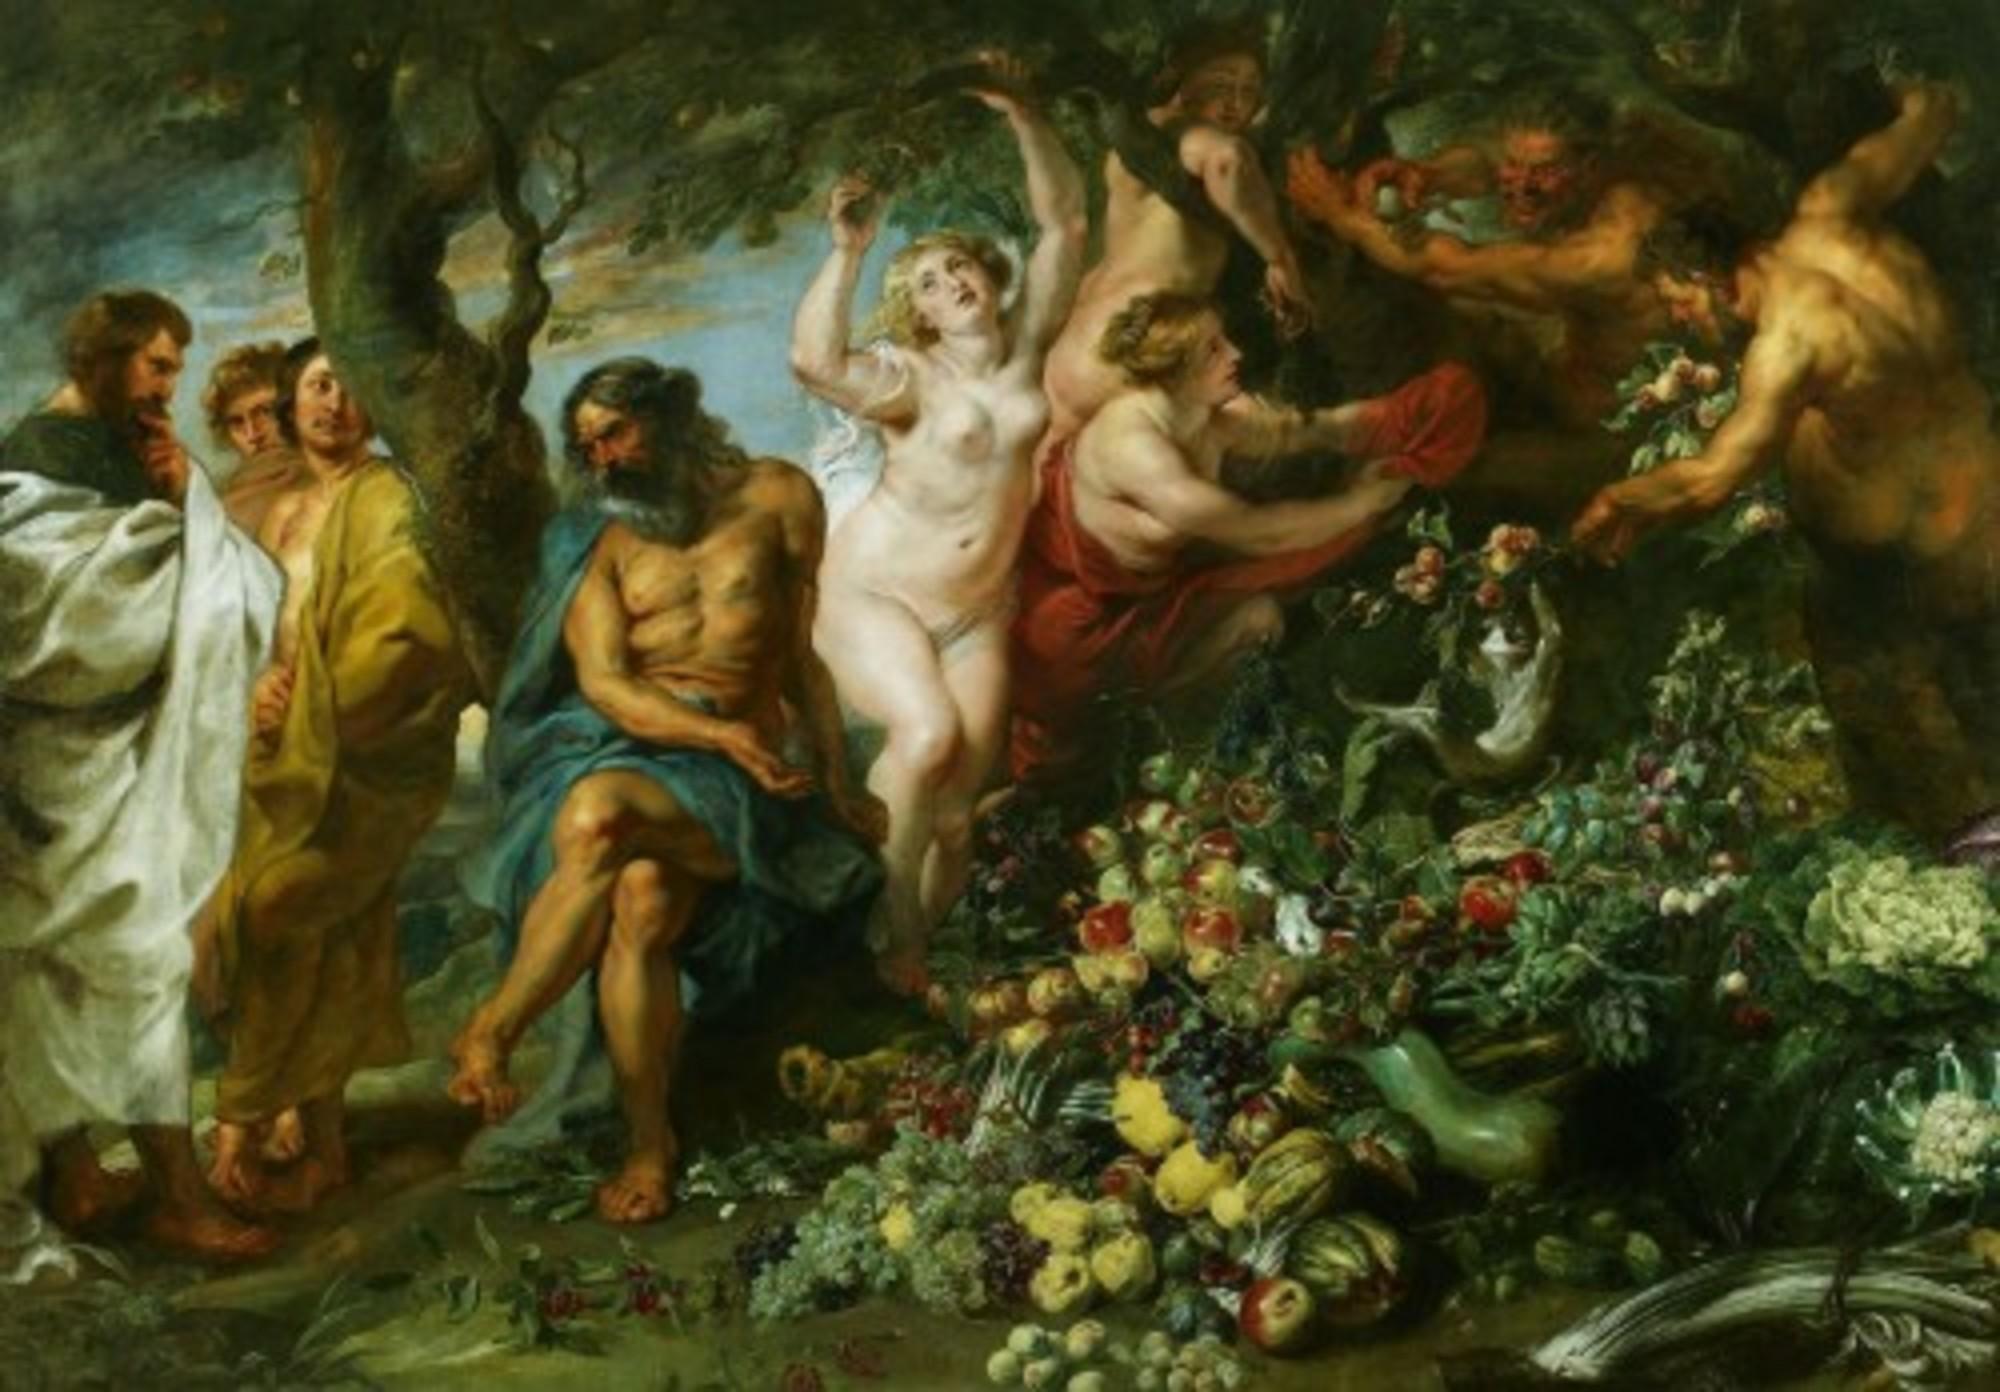 Pitagoras-prohibe-comer-animales-y-habas-Rubens-y-Snyders.jpg